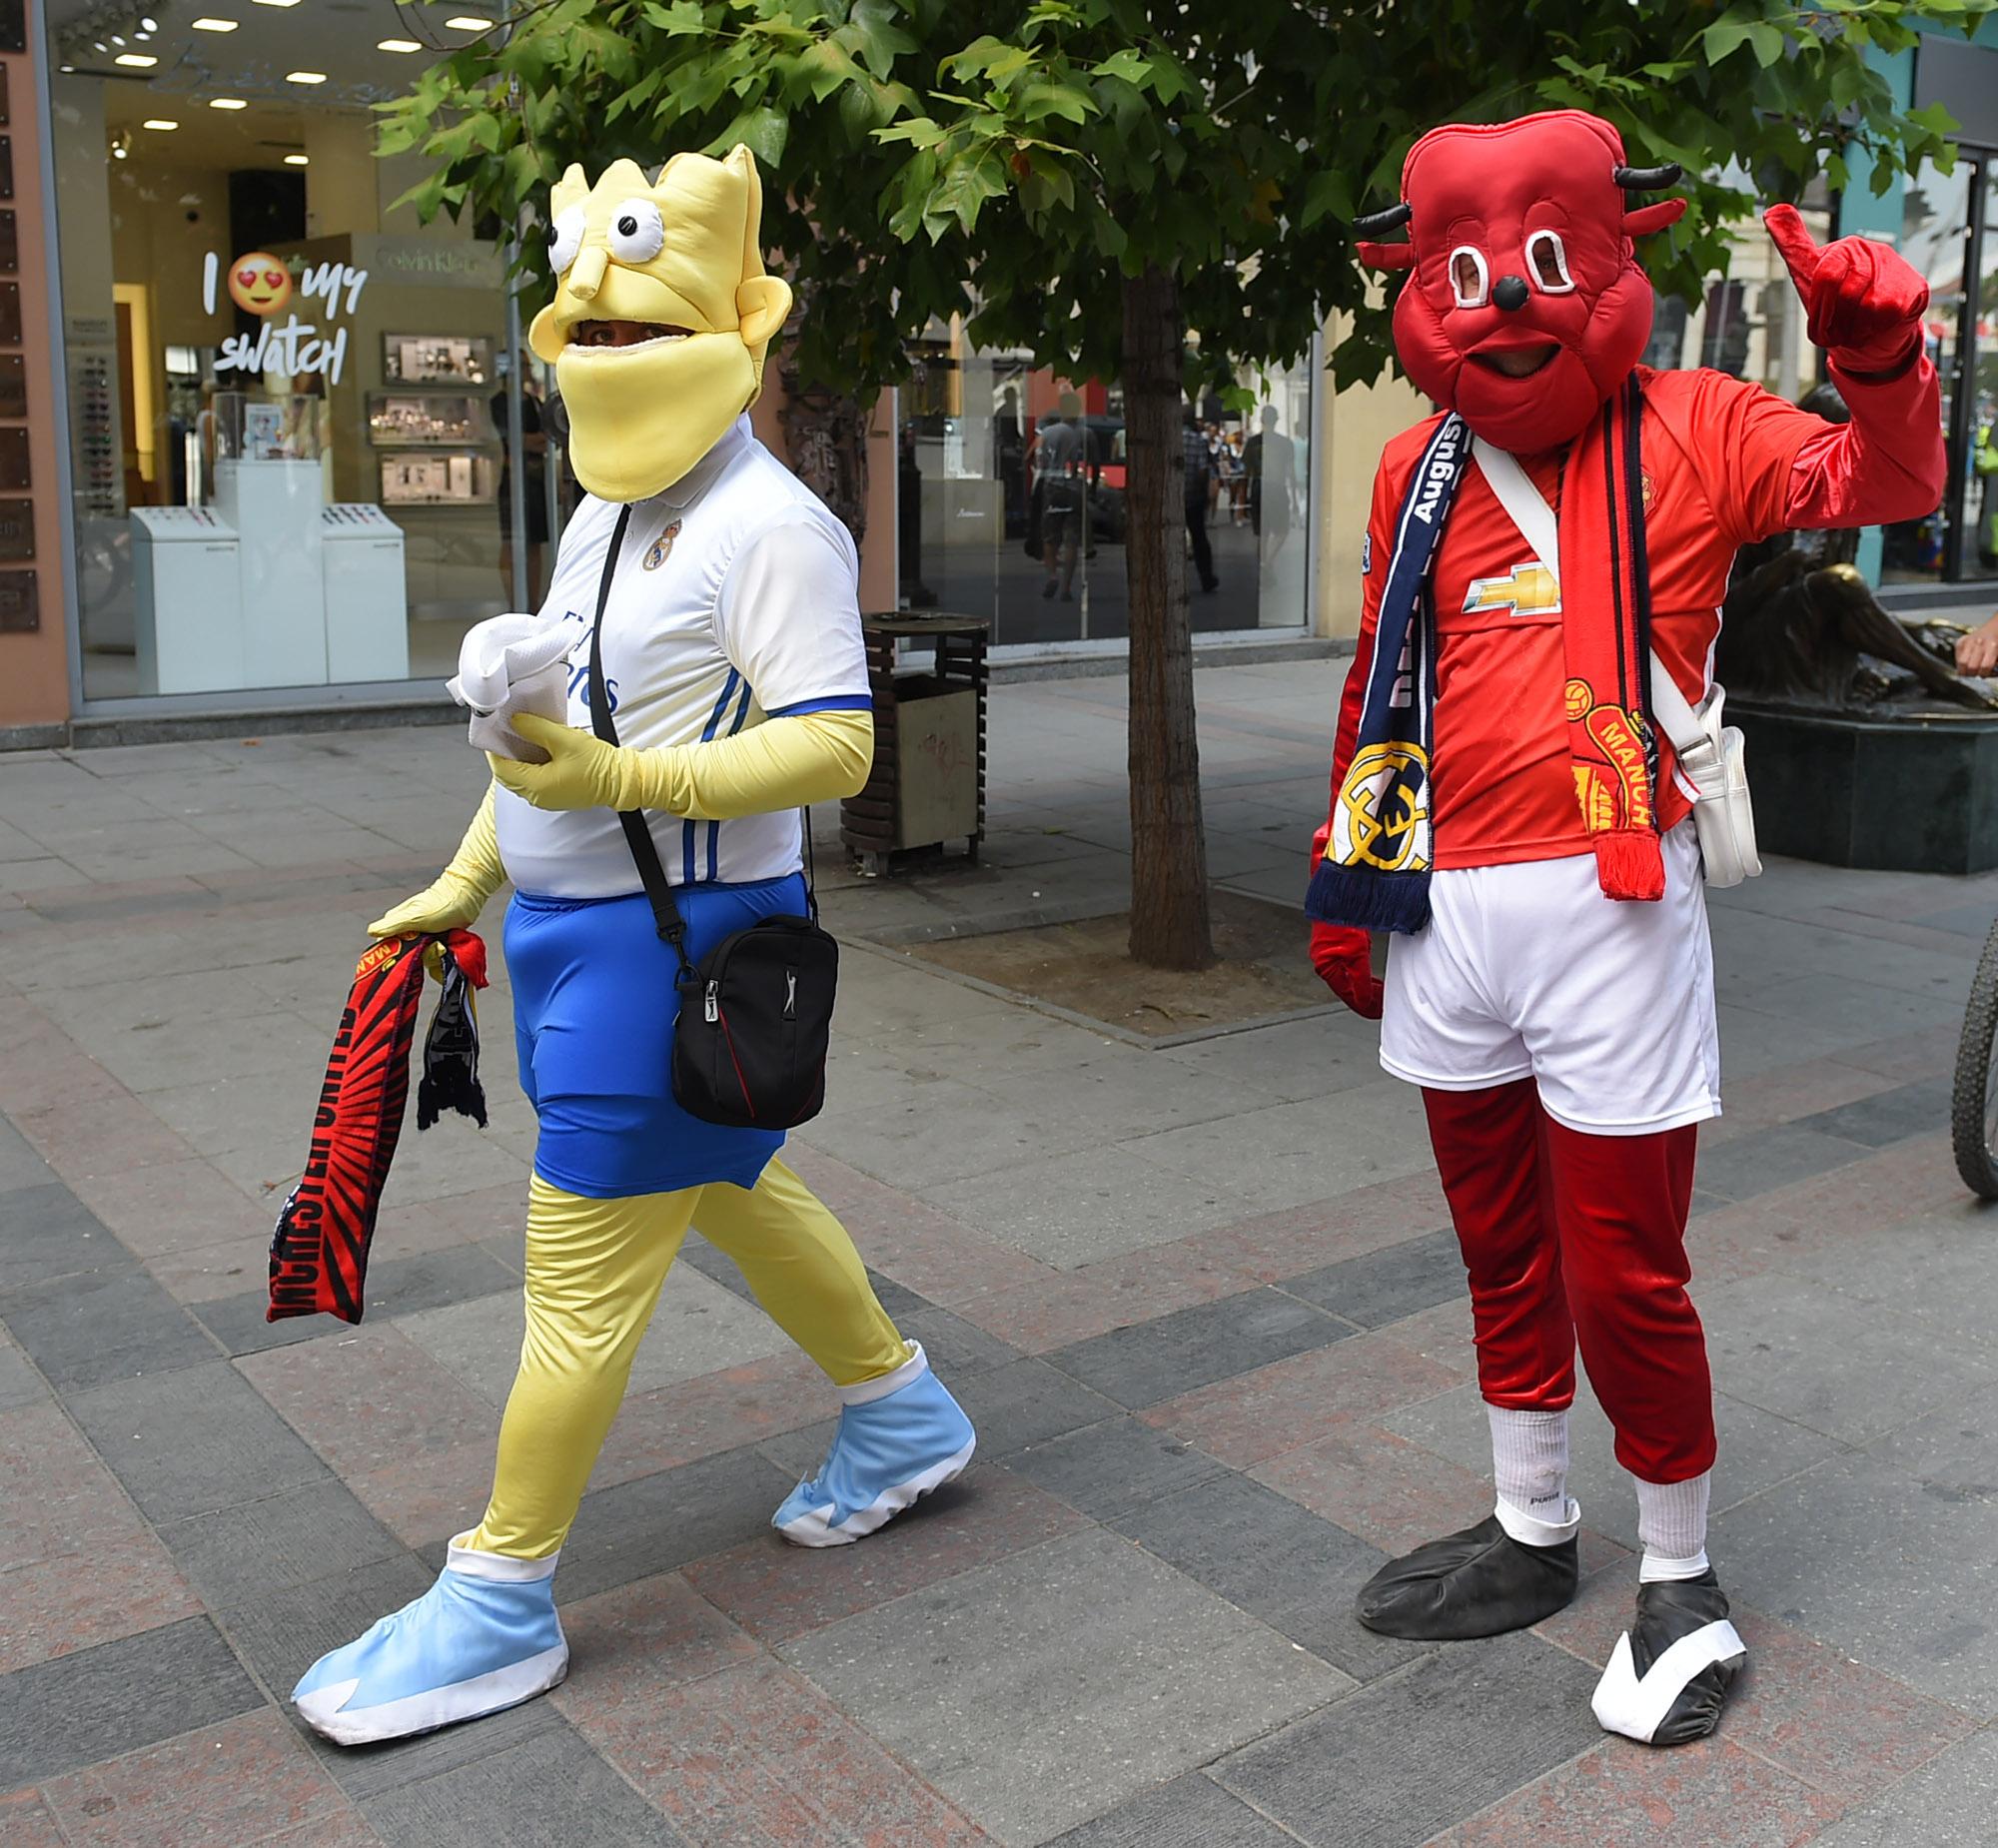 СКОПЈЕ ПРЕПОЛНО: Љубителите на фудбалот во исчекување на Суперкупот (ФОТОГАЛЕРИЈА)